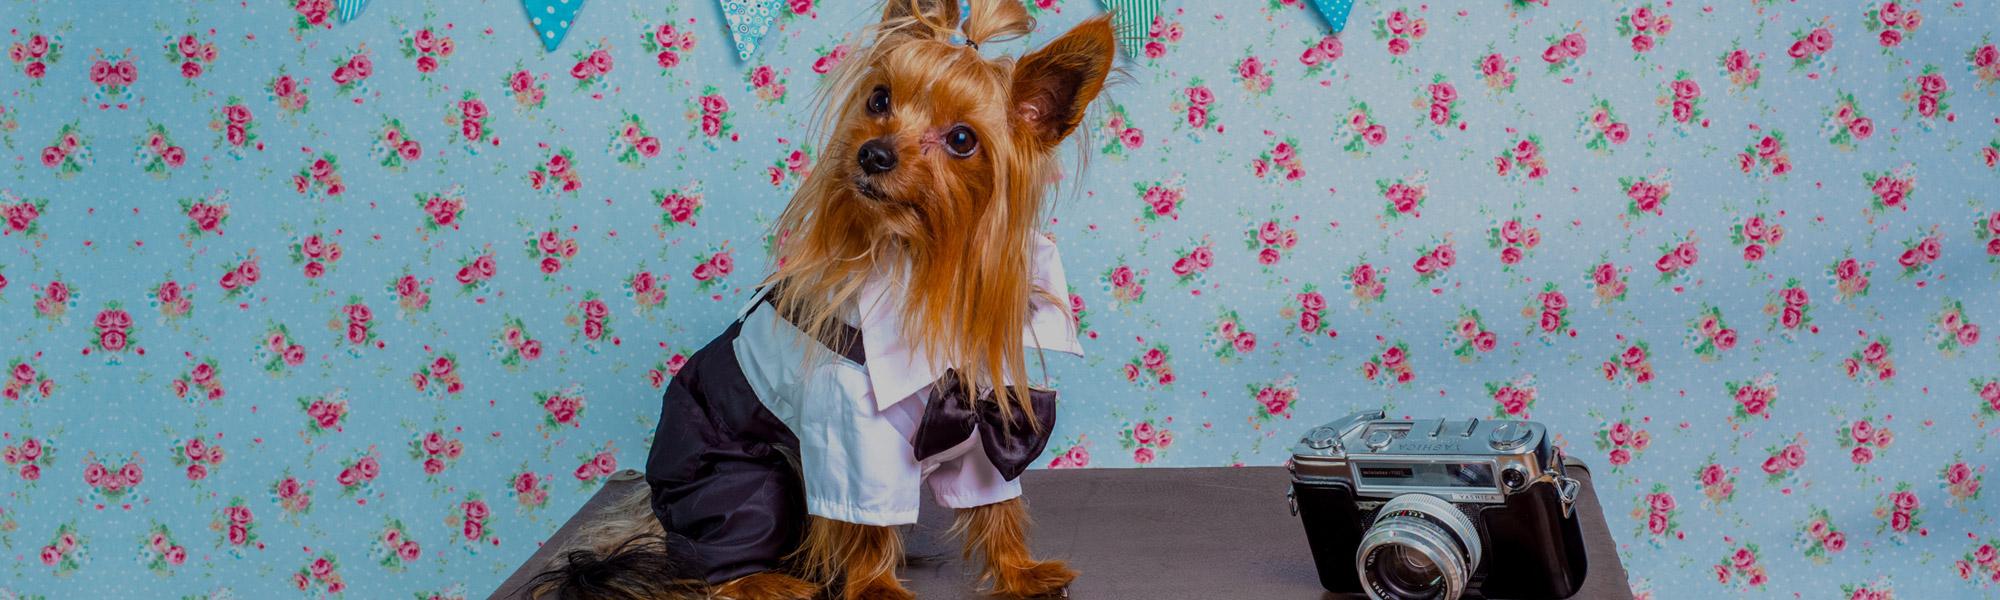 Der Hundemodeblog - Schicke uns deine Erfahrungen mit Hundemode auf Hundemantel-Mode.de